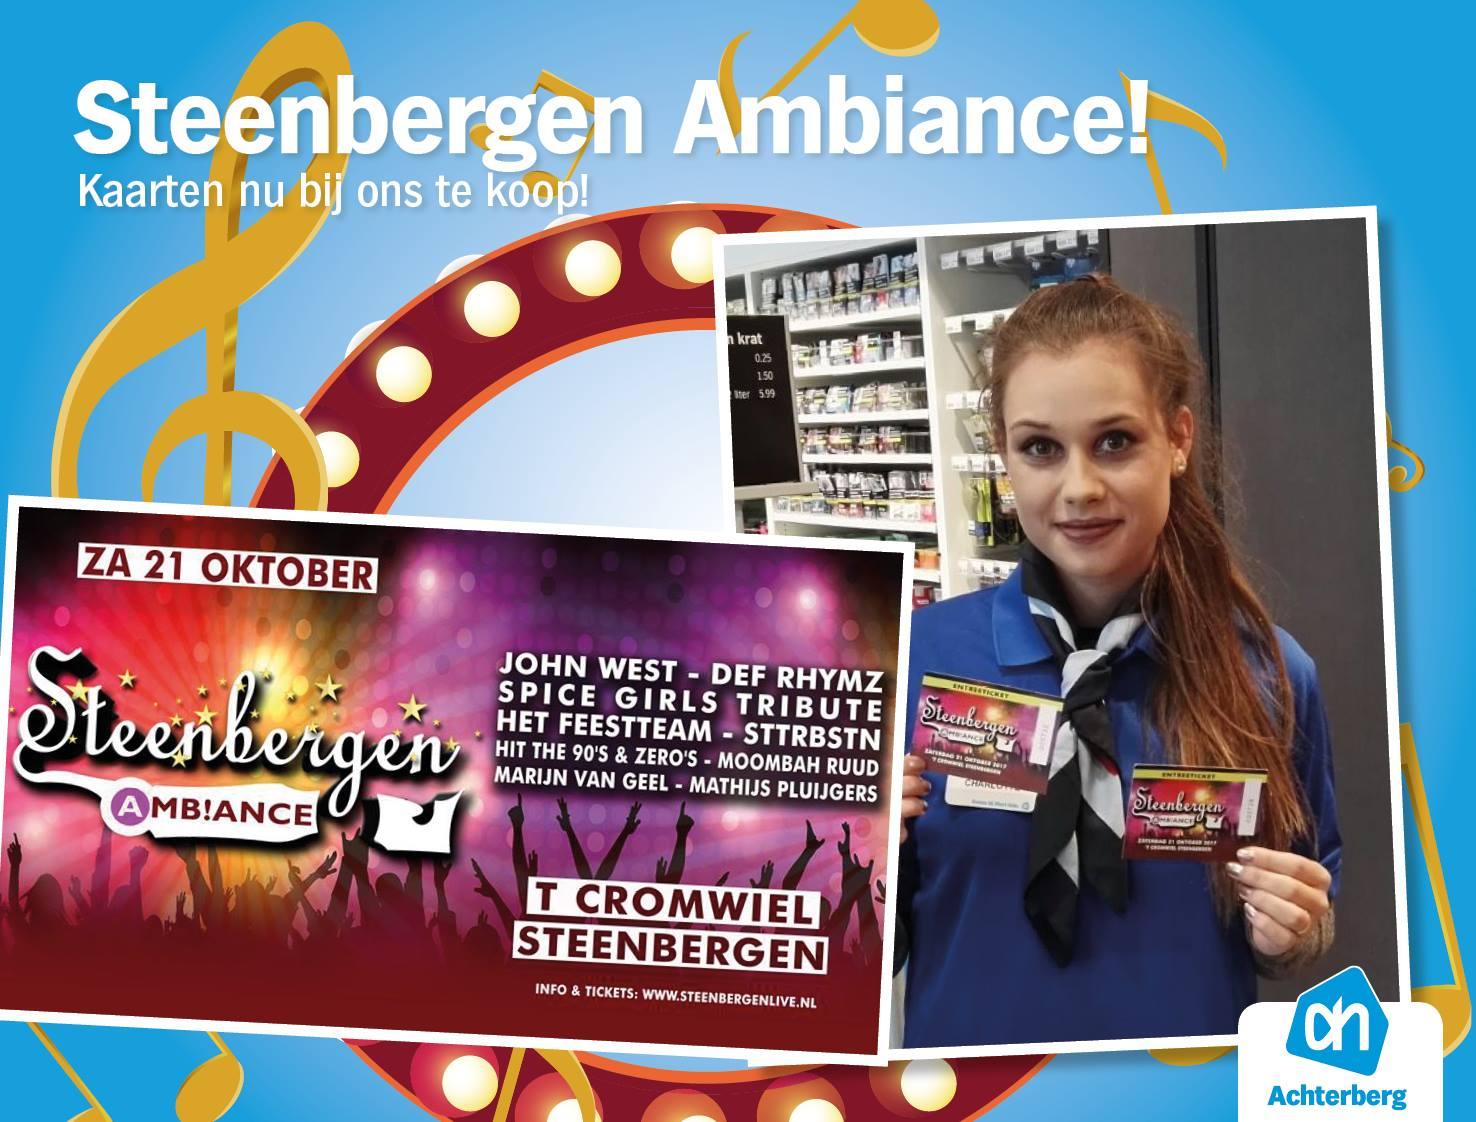 Kaarten voor Steenbergen Ambiance nu bij ons te koop!